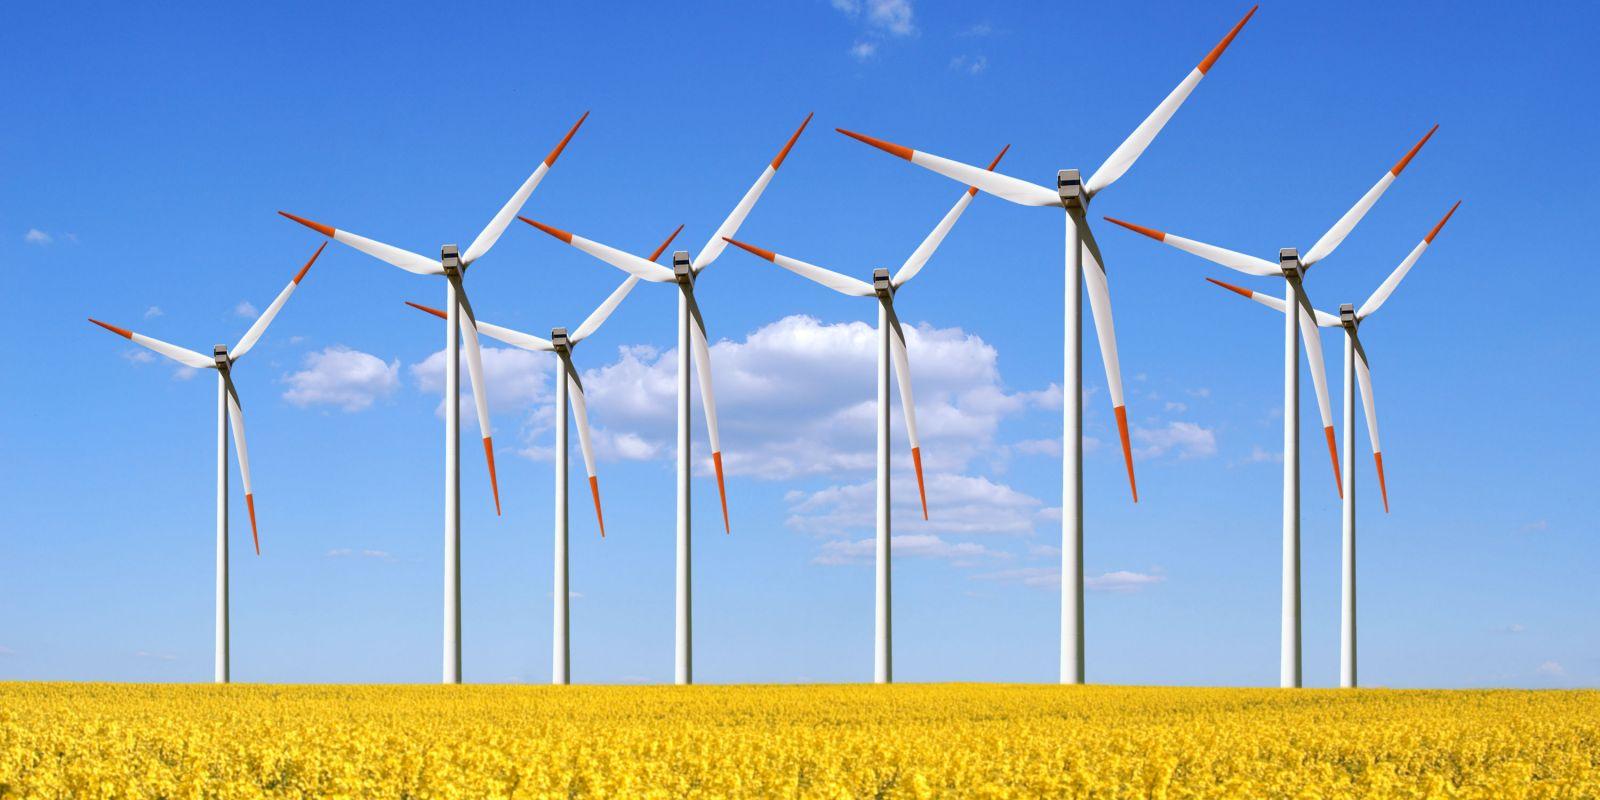 Welcher Standort ist für Windkraftanlagen ideal?